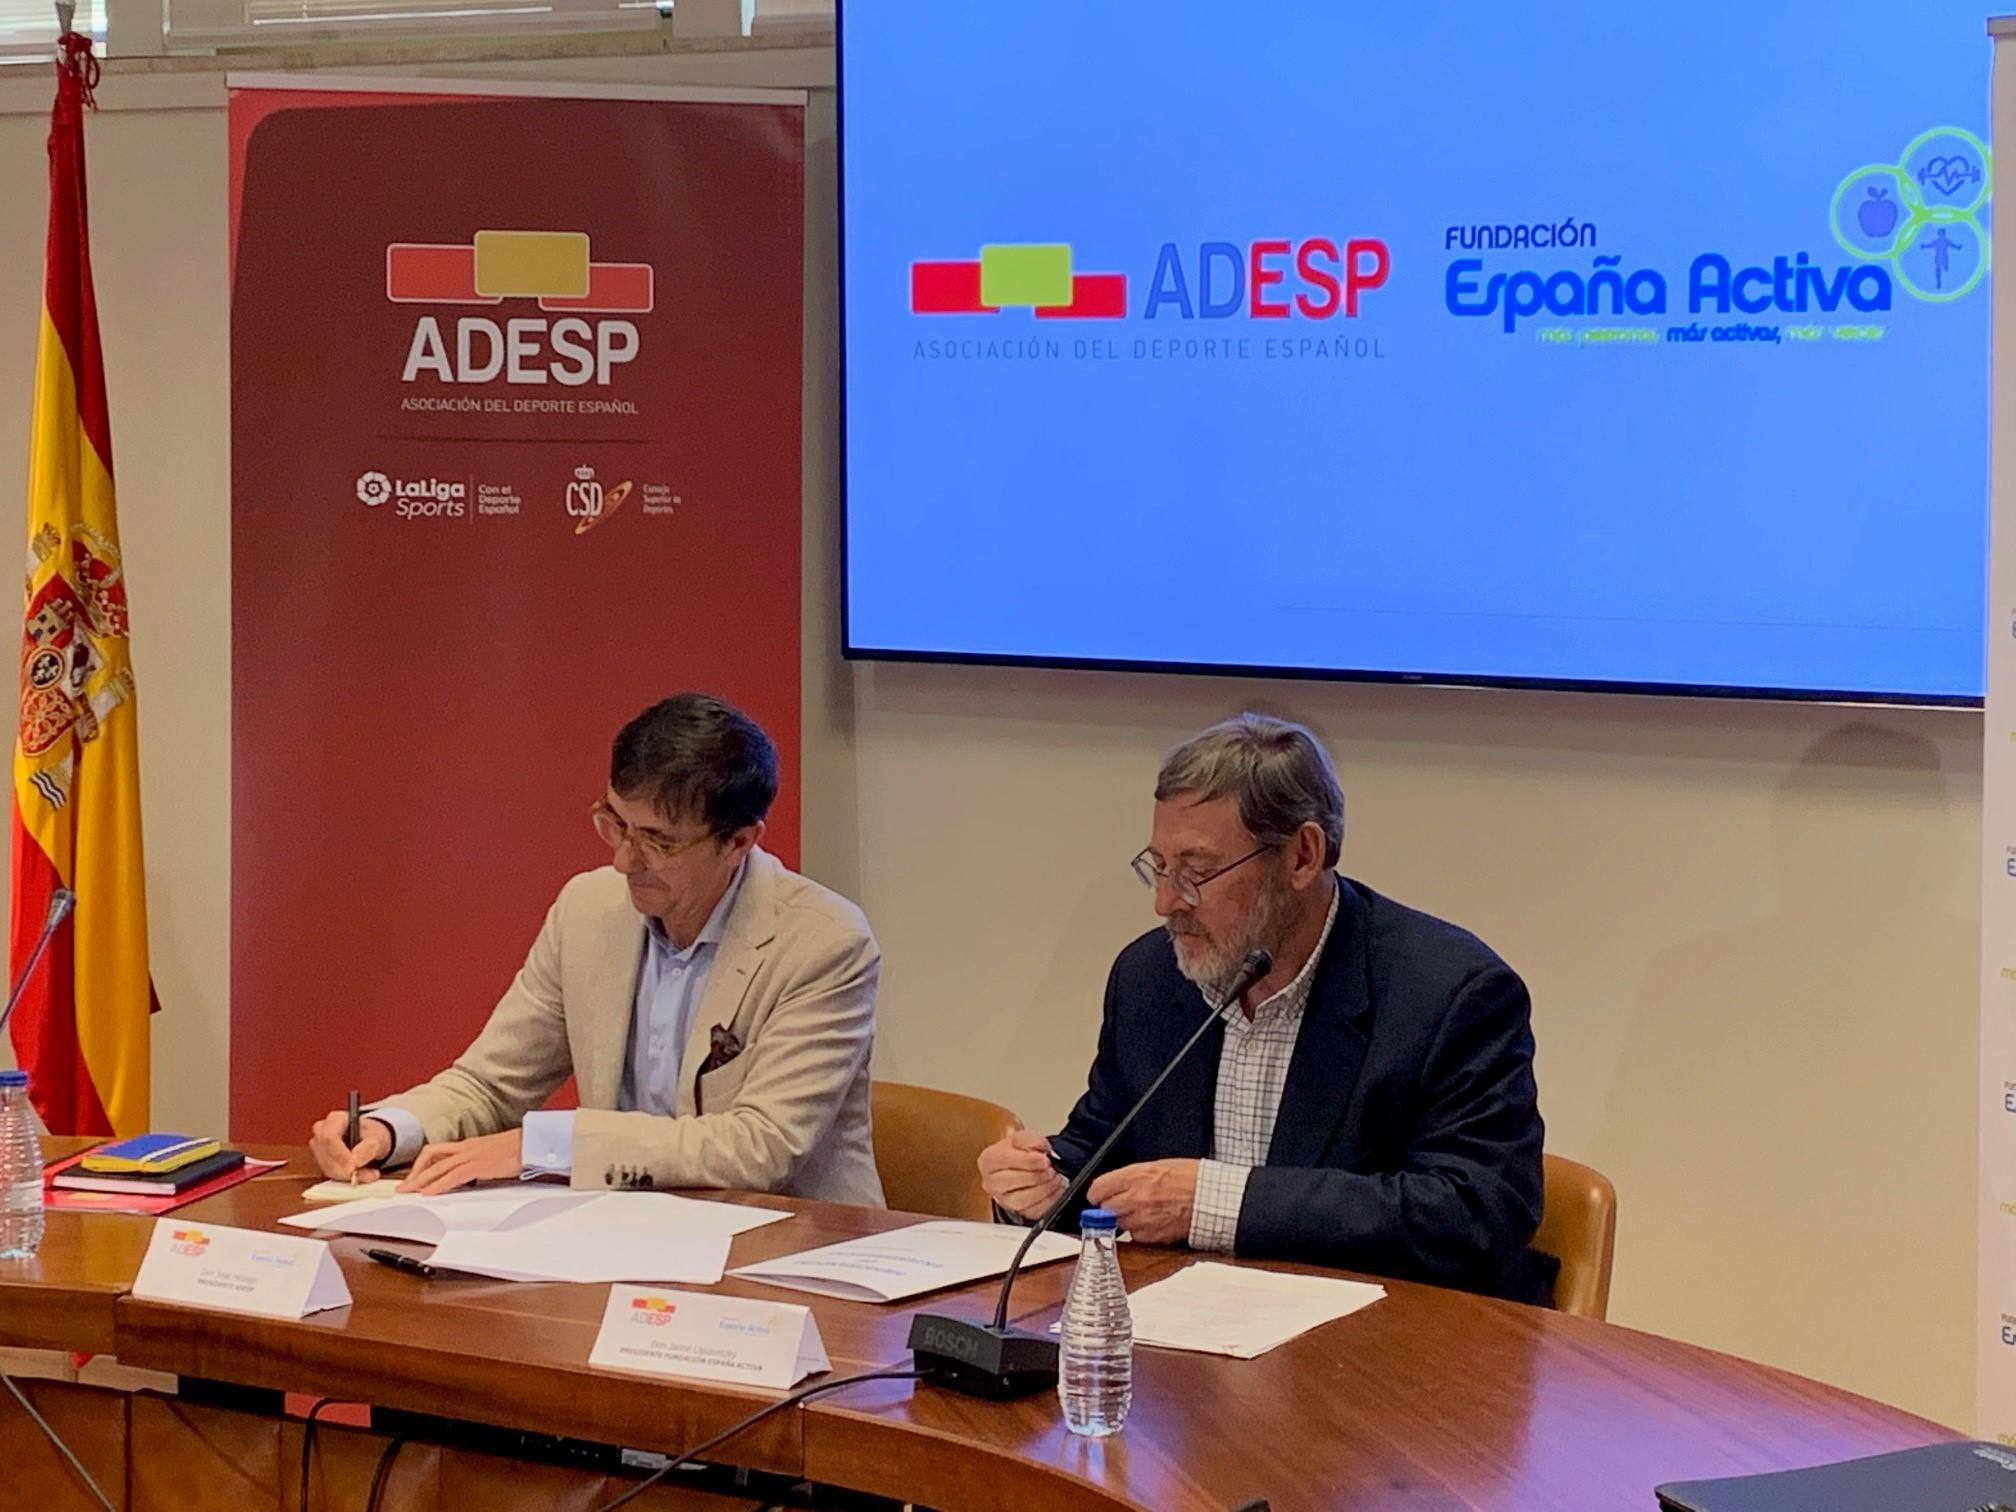 El Congreso asume la reivindicación de la Fundación España Activa y ADESP, y propondrá al Gobierno crear un Plan para la Transformación Digital del Deporte